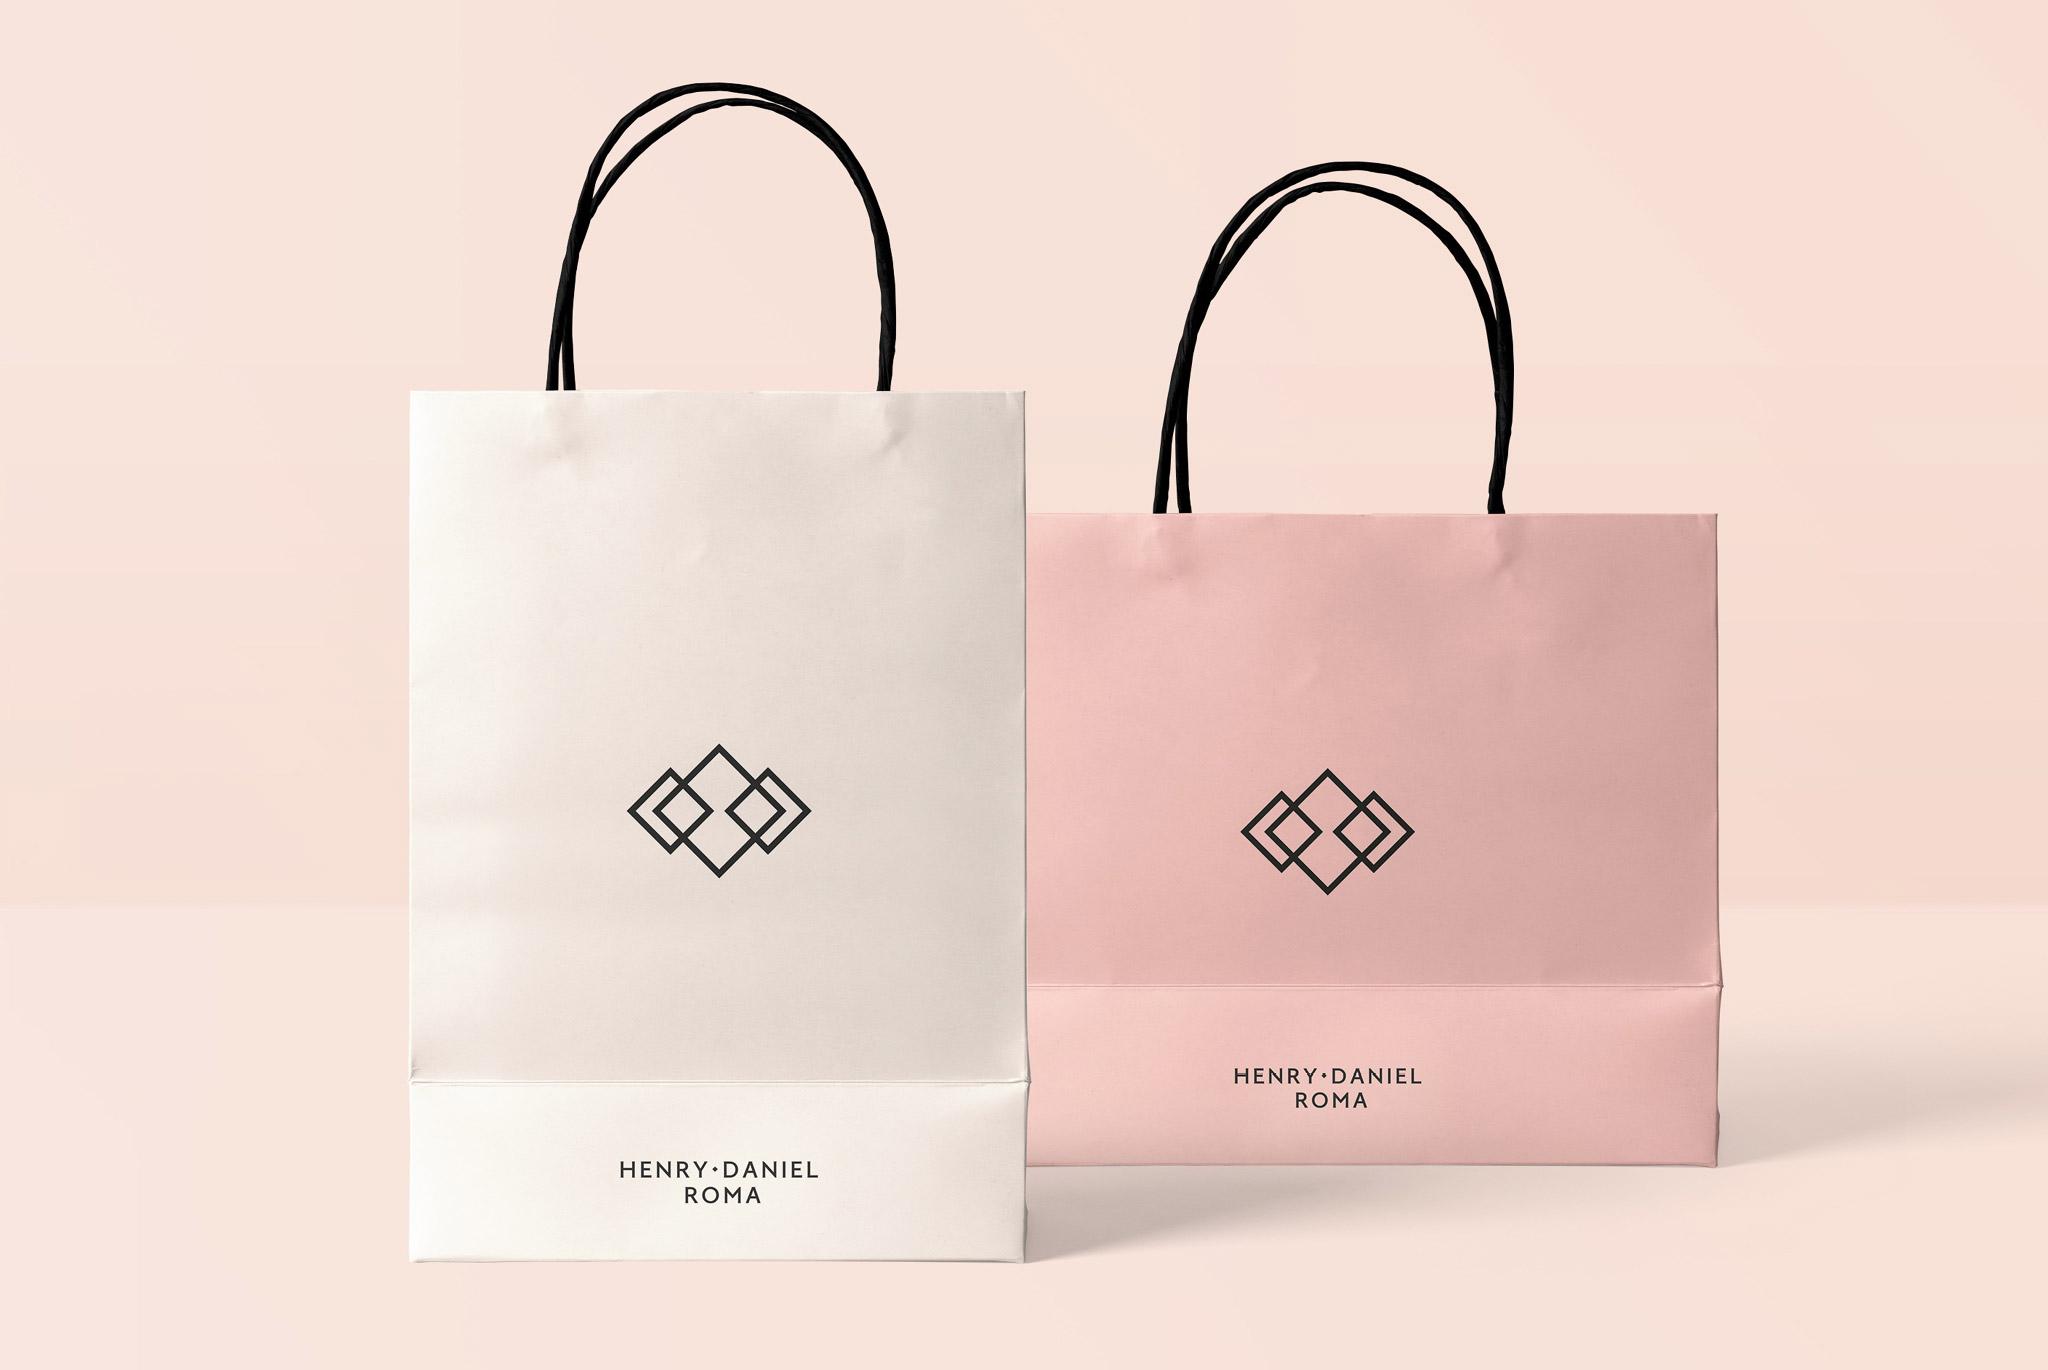 Henry Daniel Roma Packaging